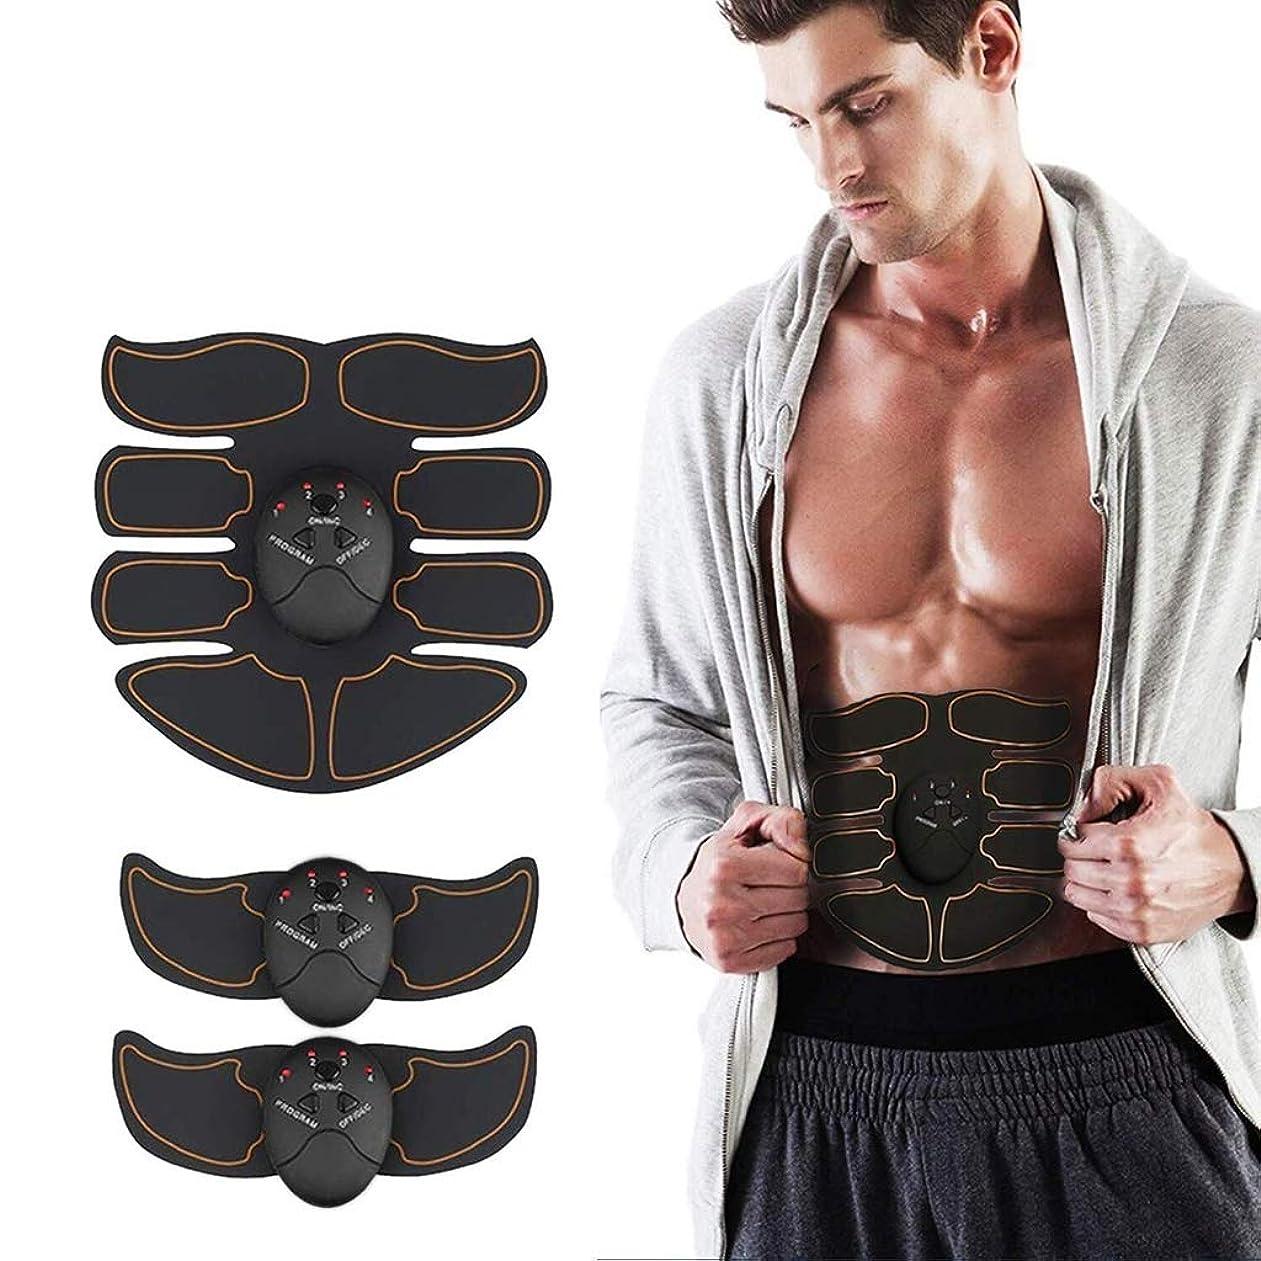 カバー記念日賢明な腹部刺激マッサージ、腹部調色ベルトEMS ABSボディ筋肉トレーナー、ワイヤレスポータブルユニセックスフィットネストレーニング機器